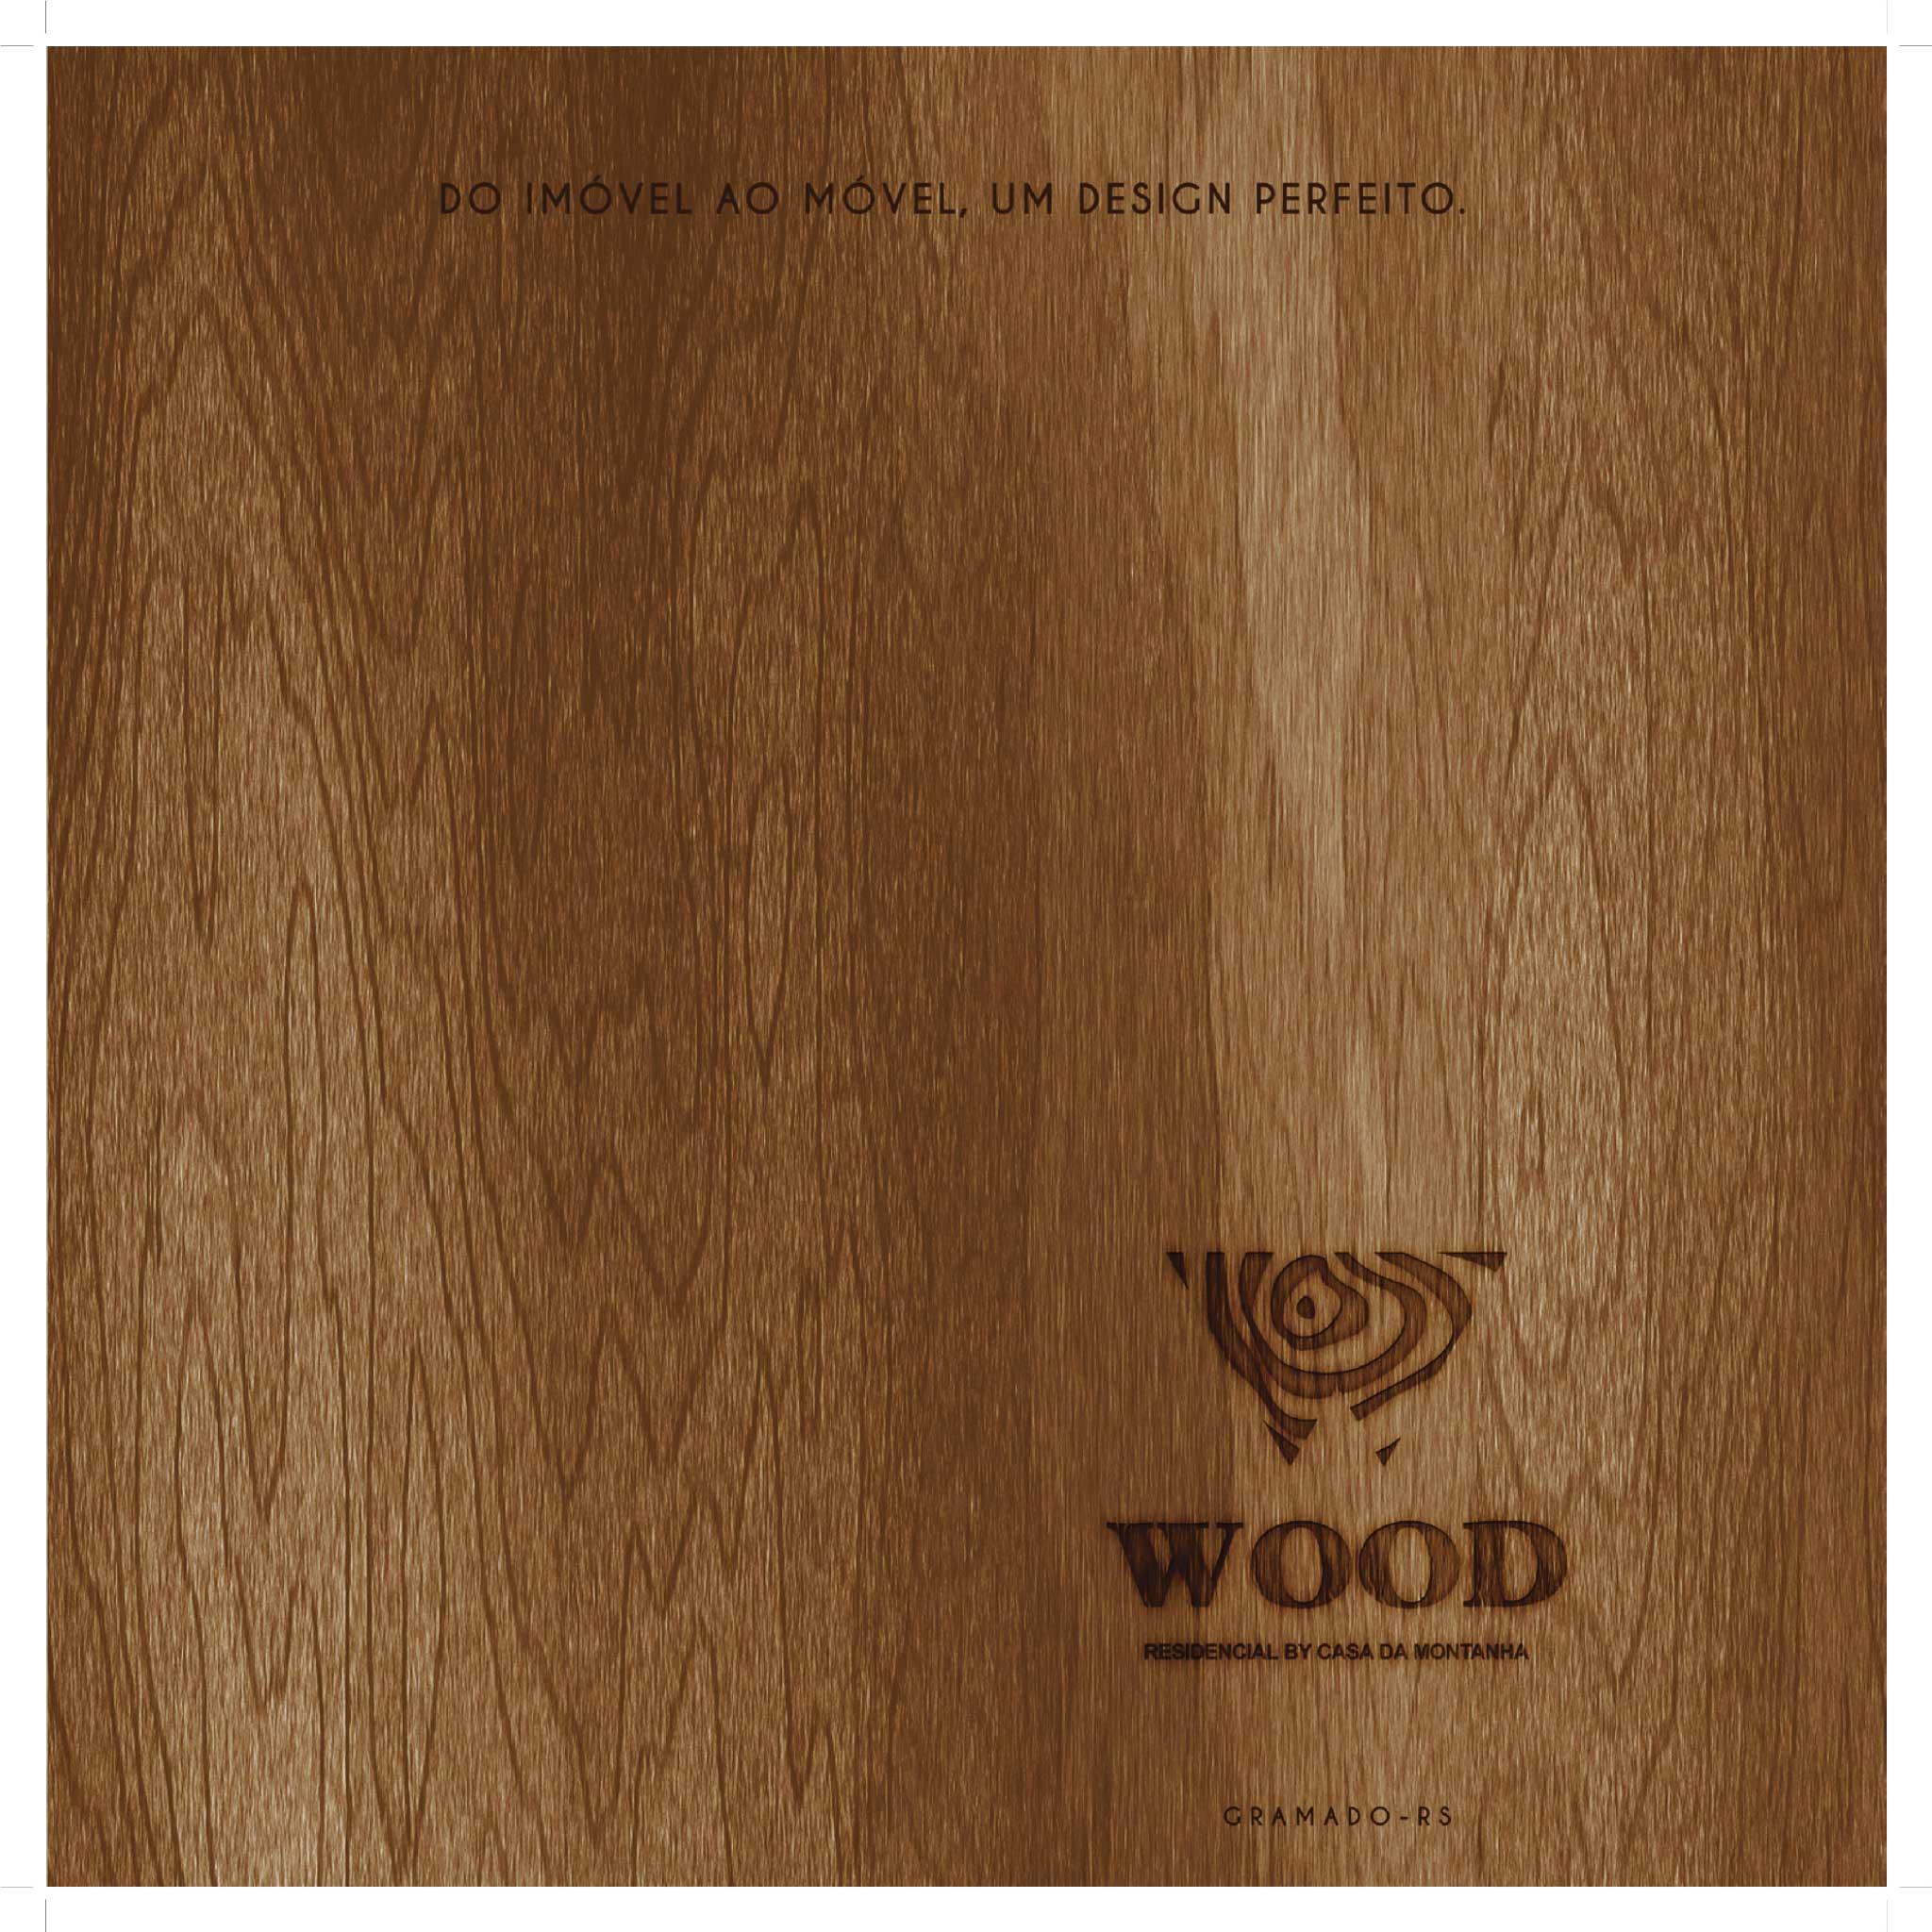 Ed. Wood